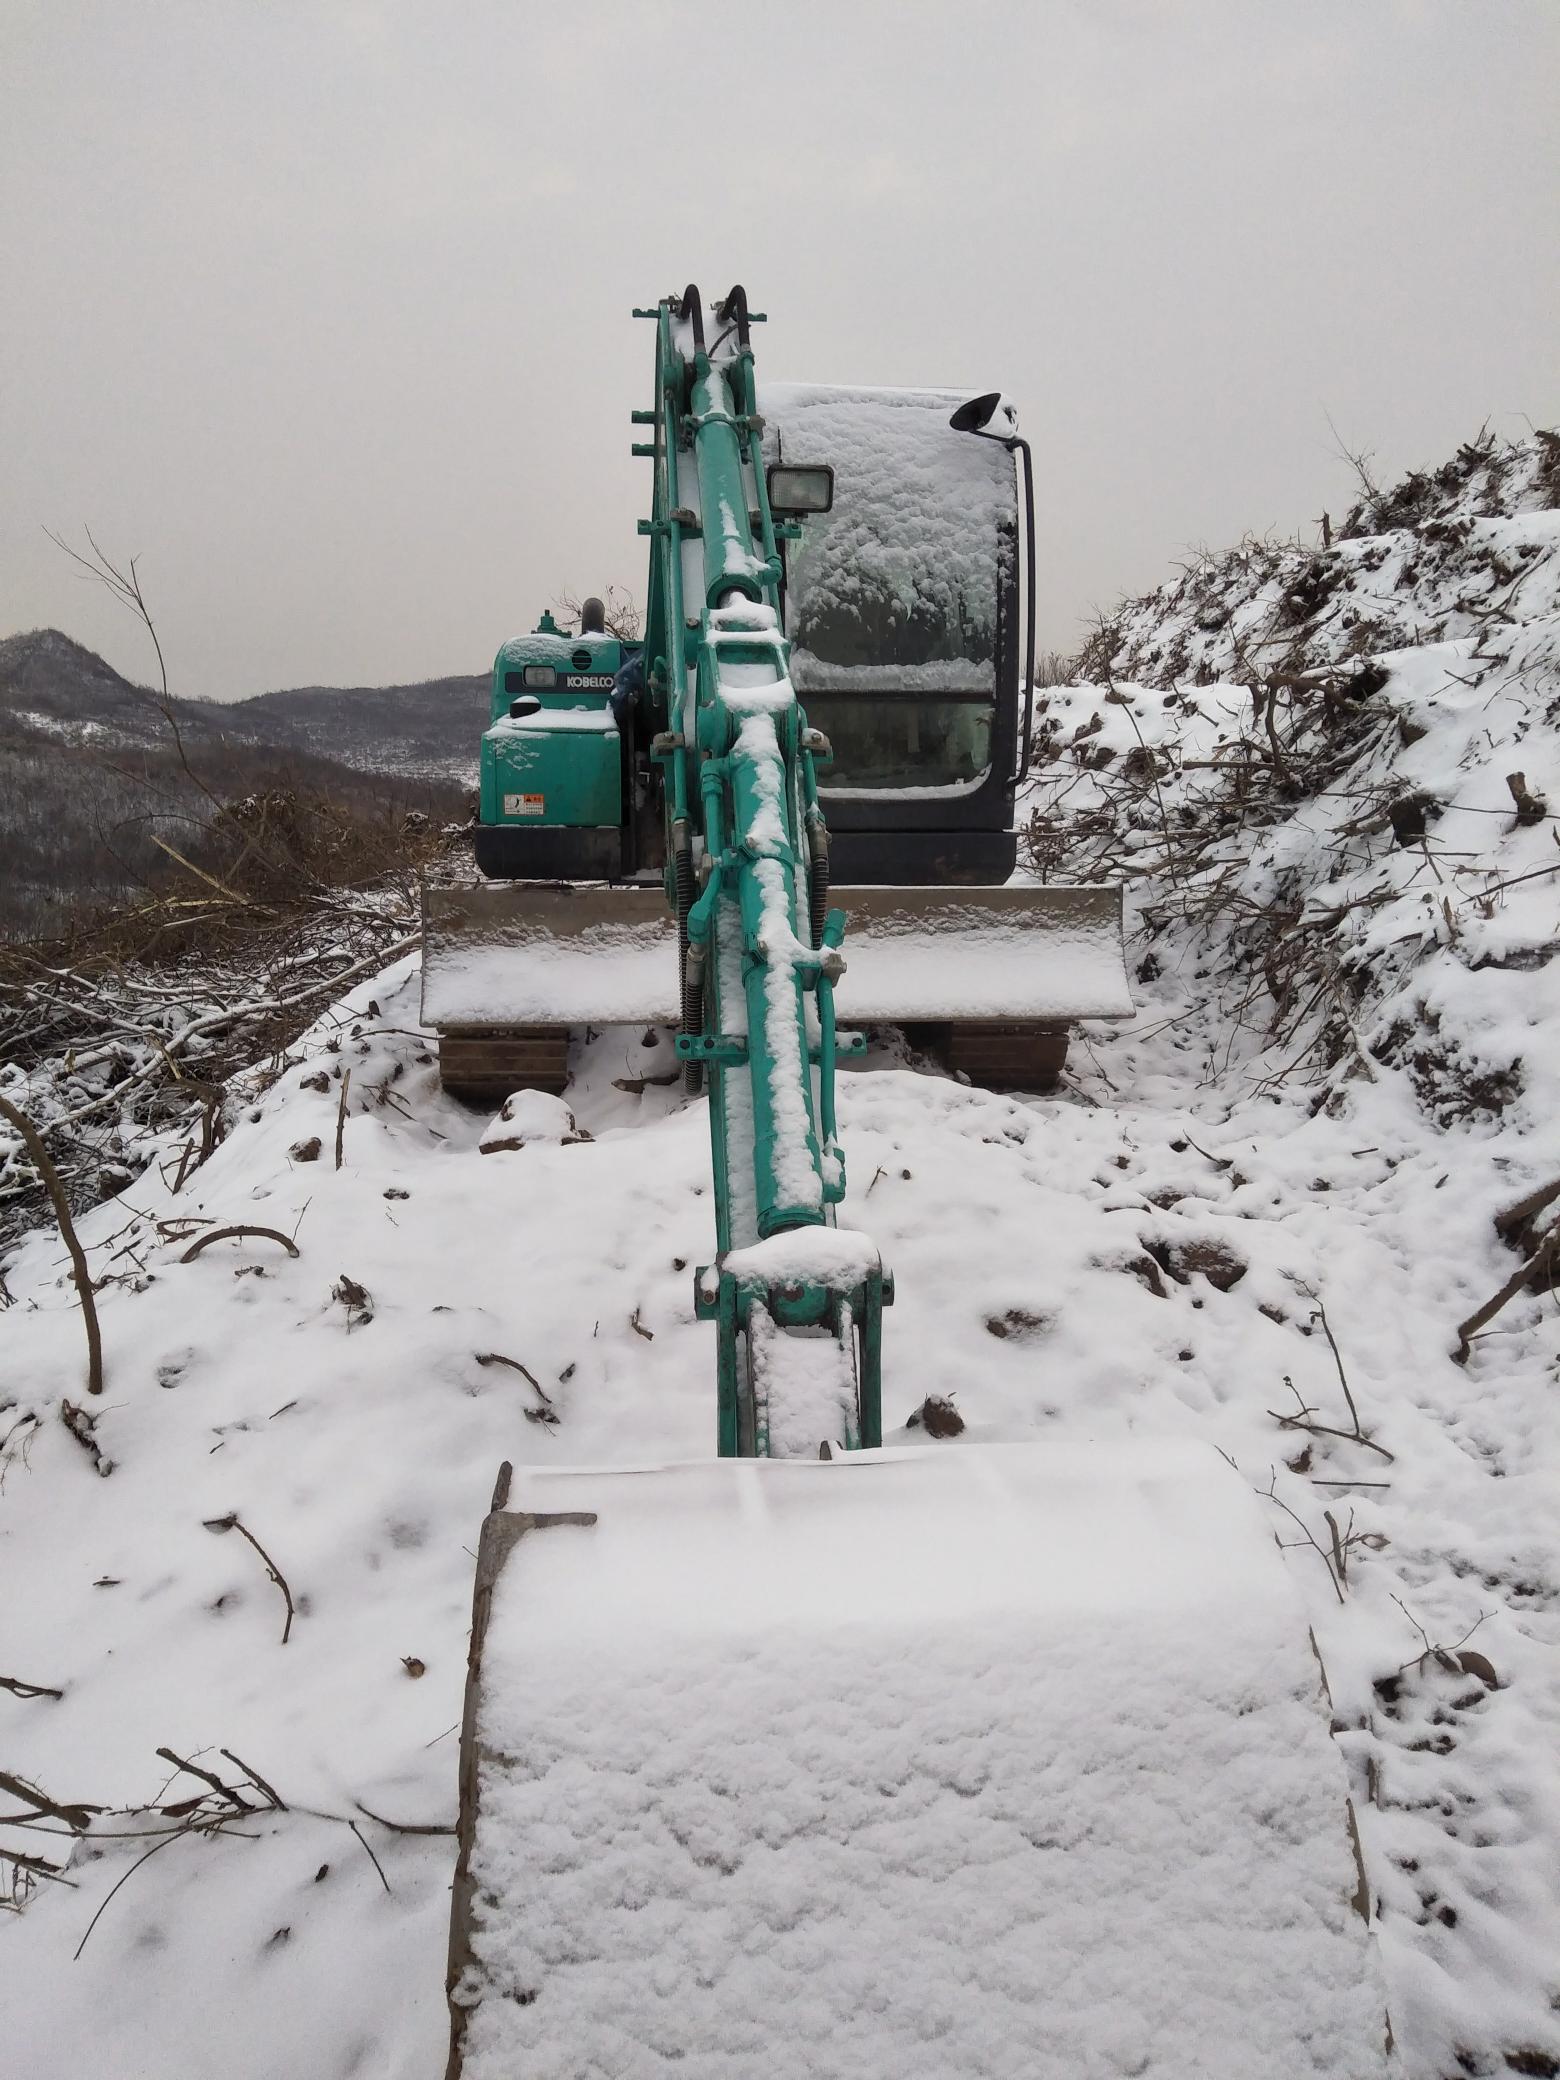 下雪没法干活,说说挖机的保养心得